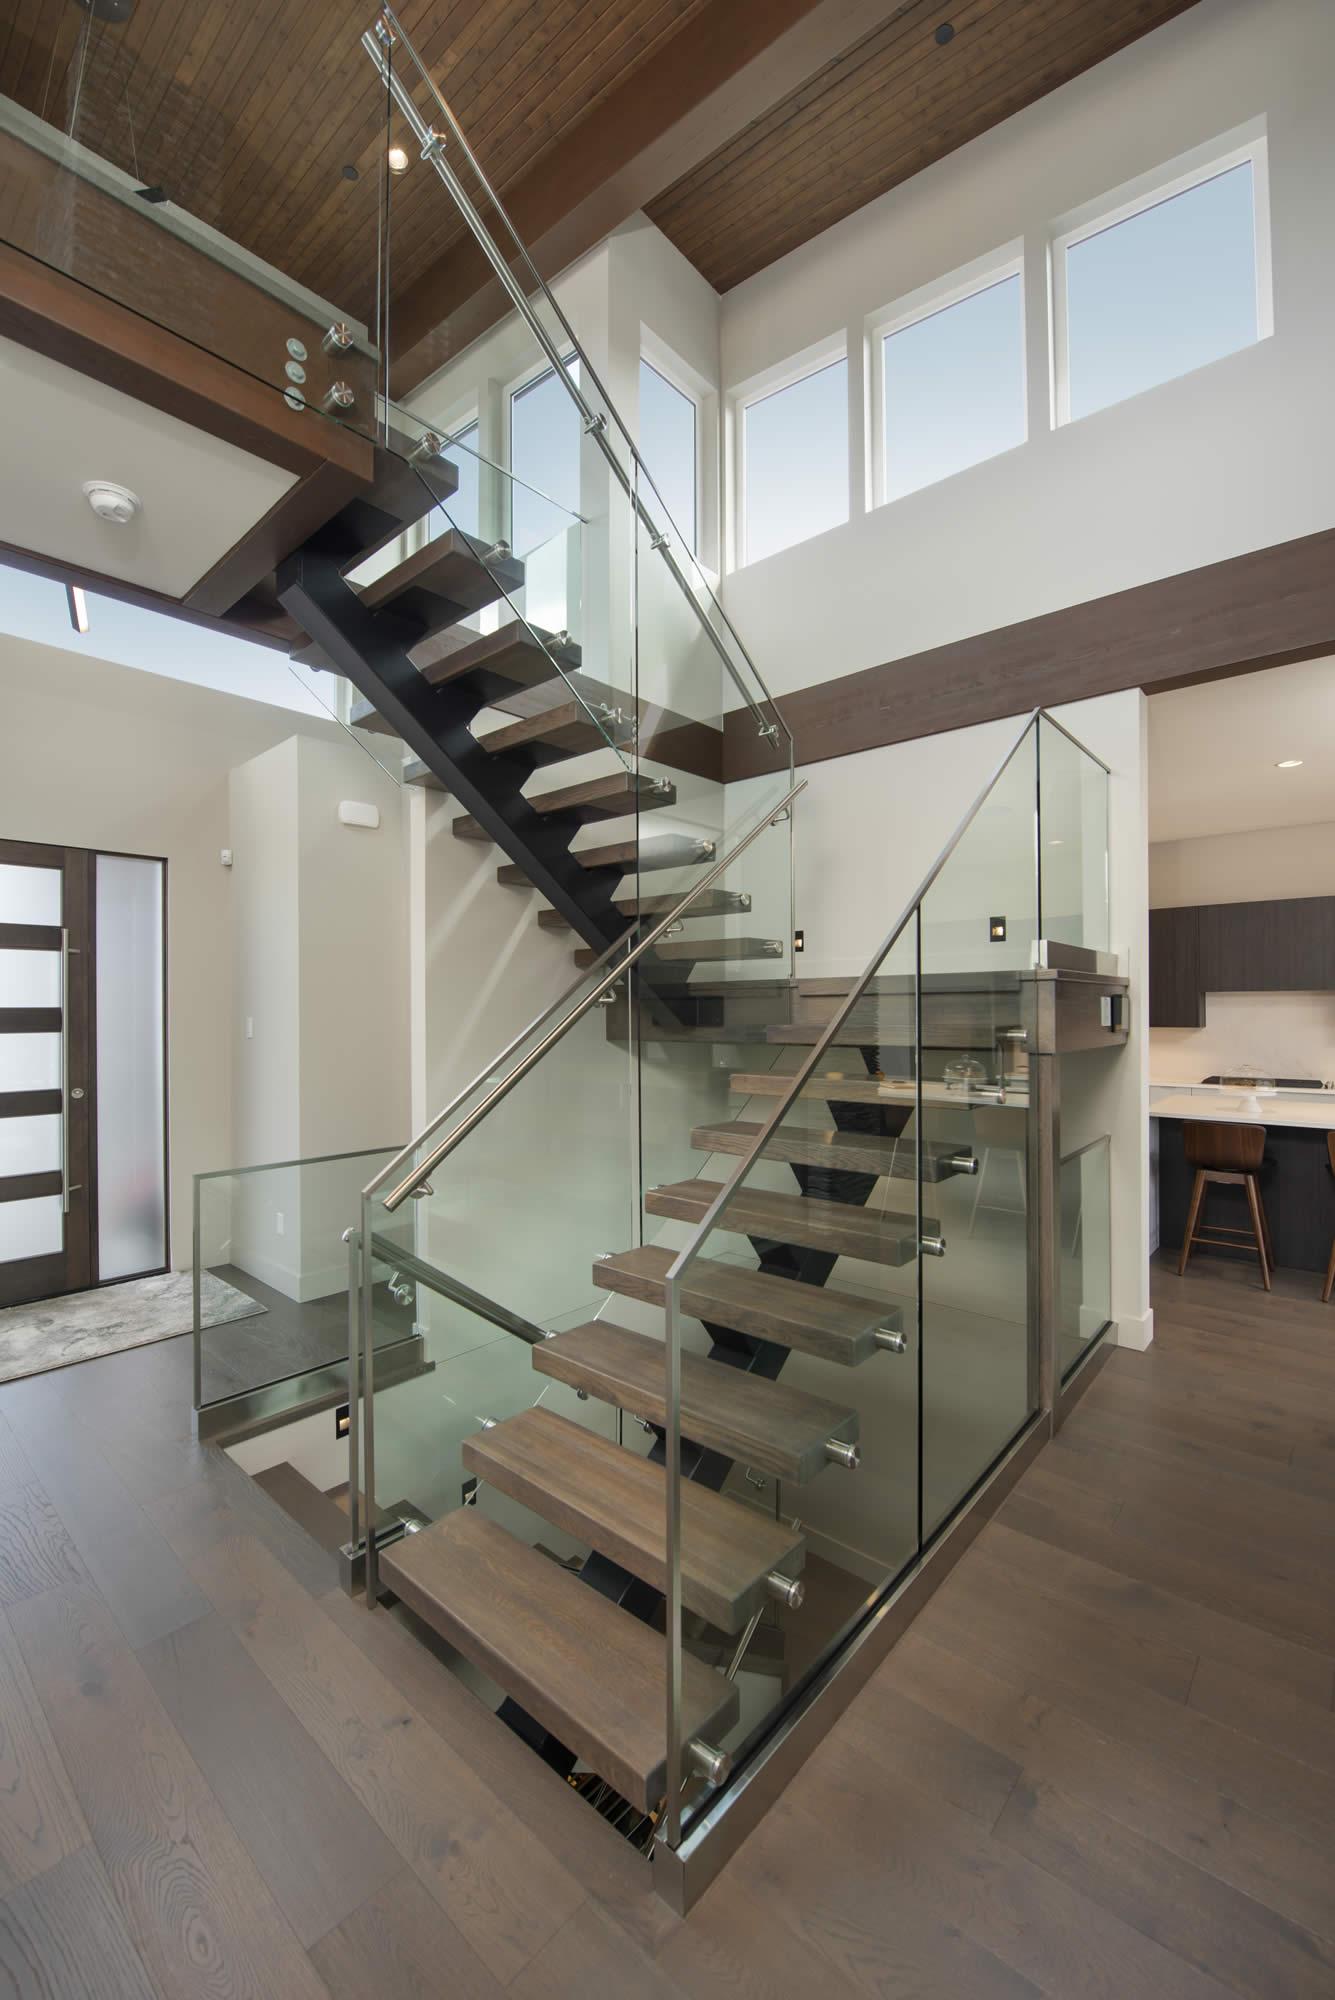 04-Stairwell